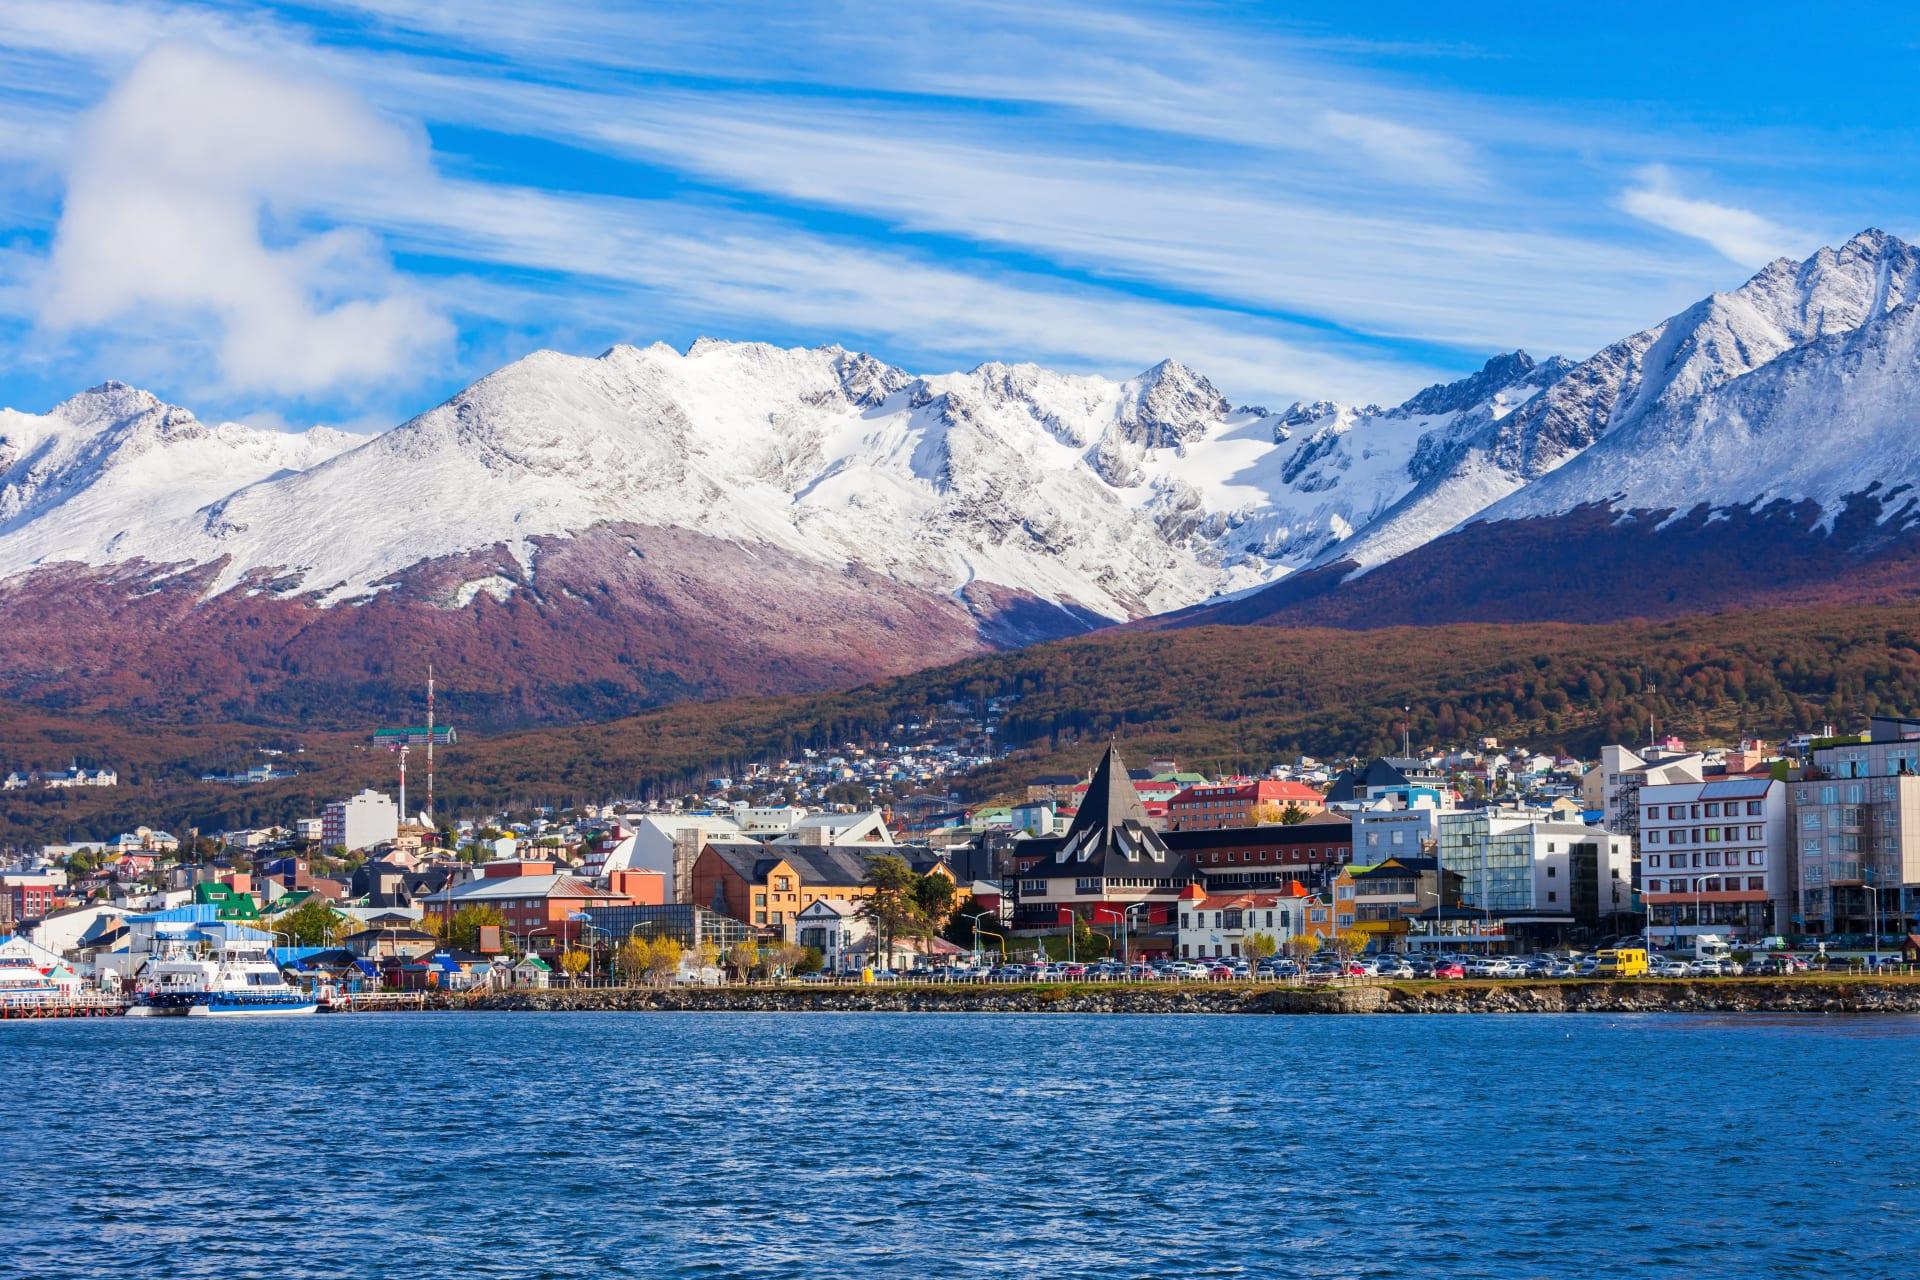 Ushuaia cover image